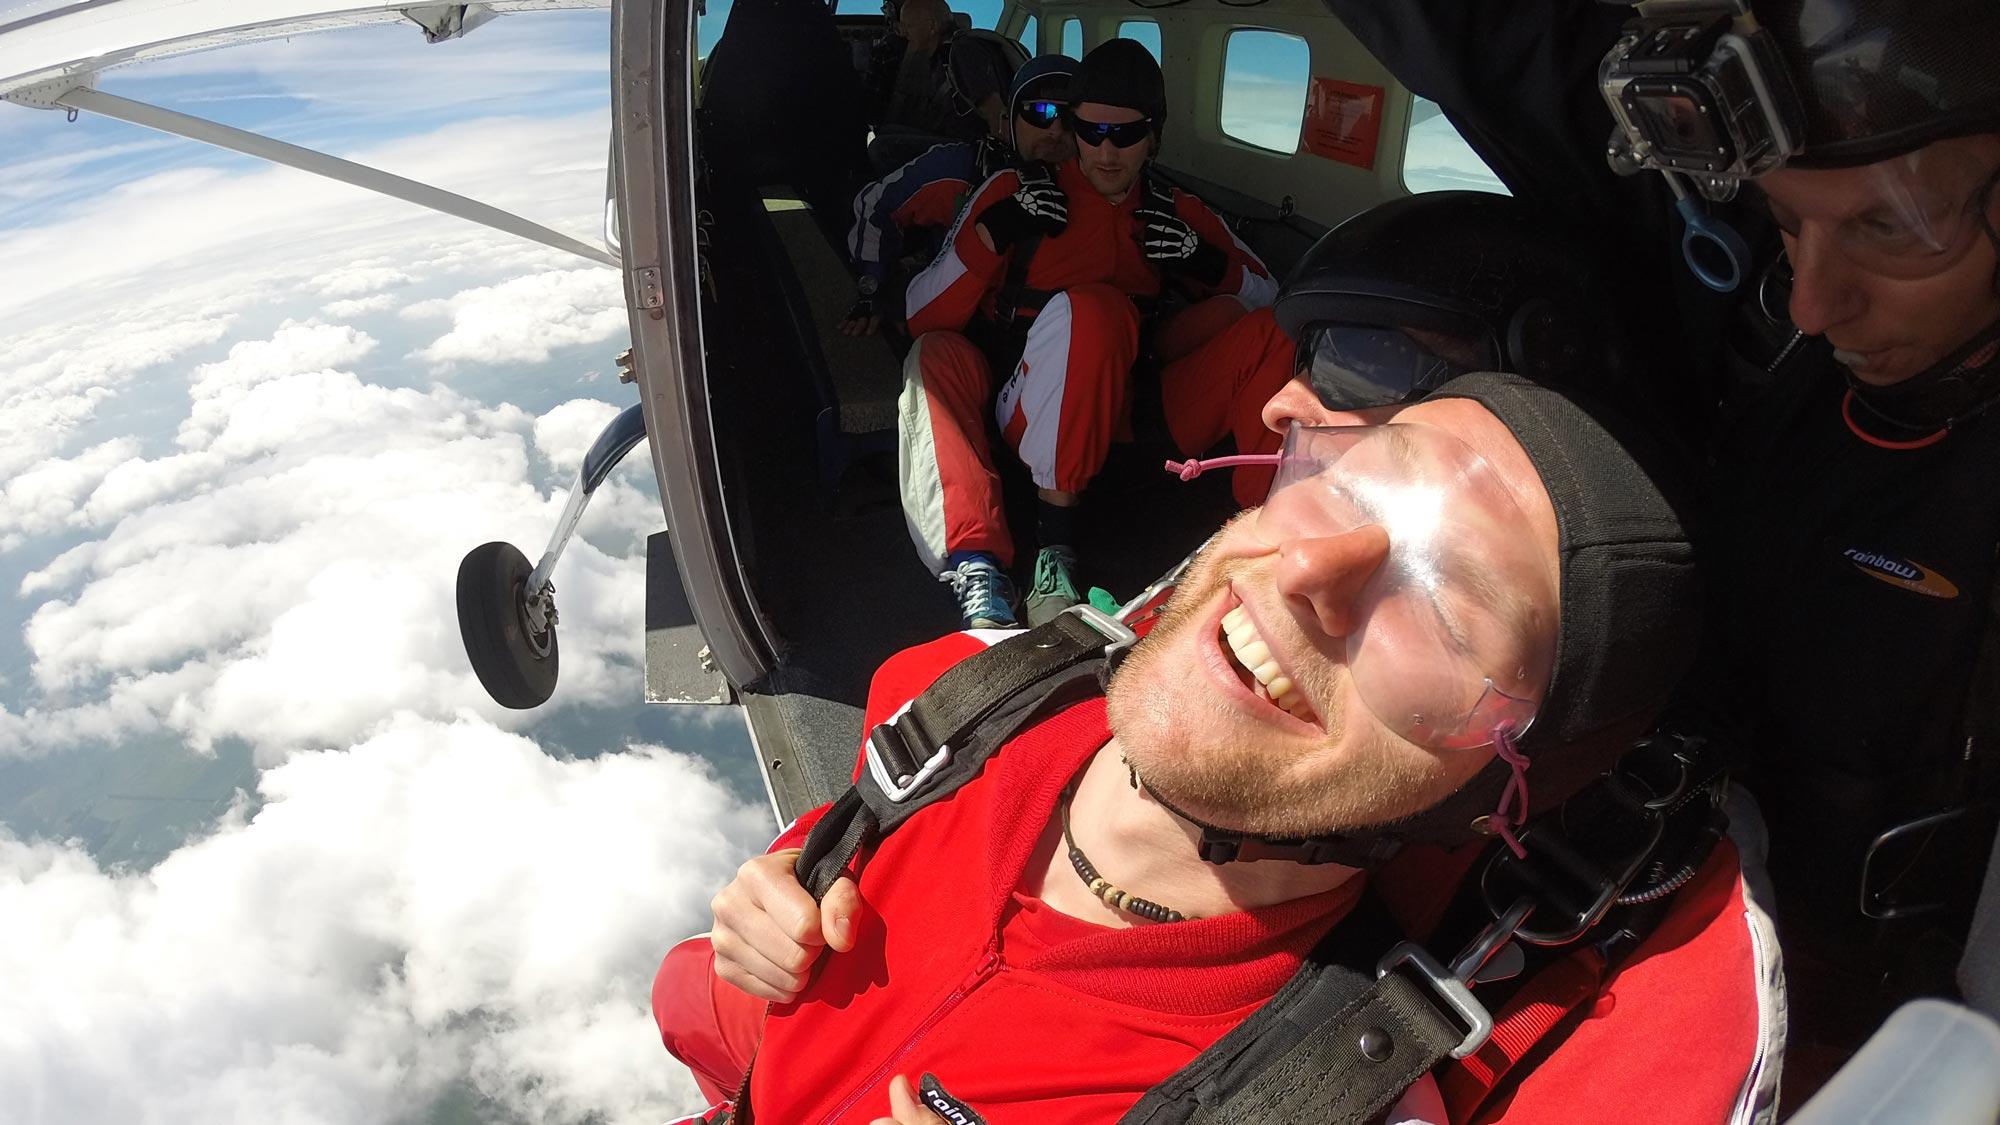 Team Event bei TAKE OFF in Berlin: Tandemspringer kurz vor dem Sprung aus dem Flugzeug